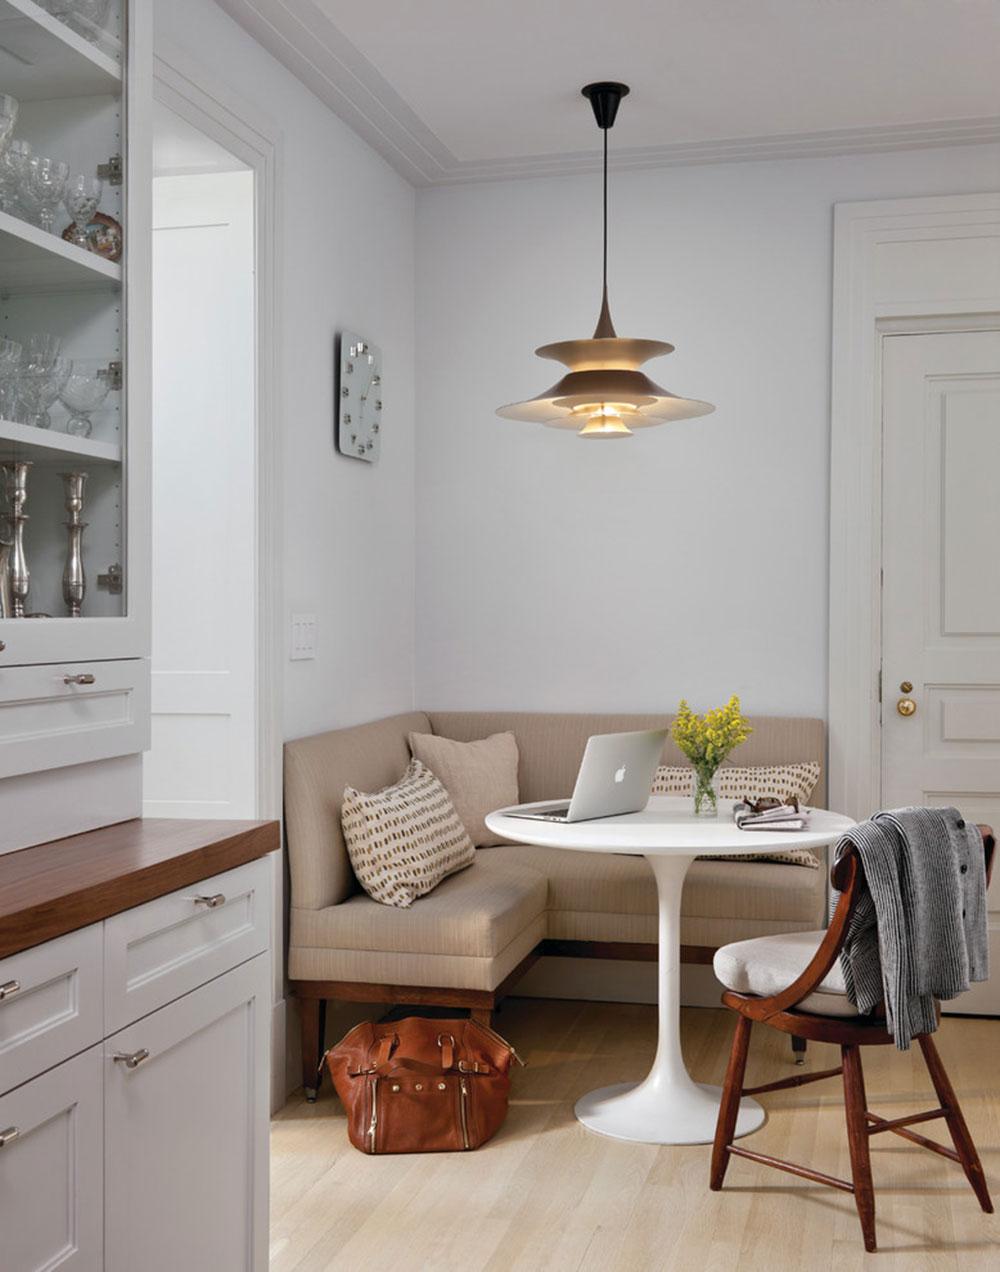 Kök-bord-bänk-platser-som-samlar-hela-familjen7 kök-bord-bänk platser som samlar hela familjen